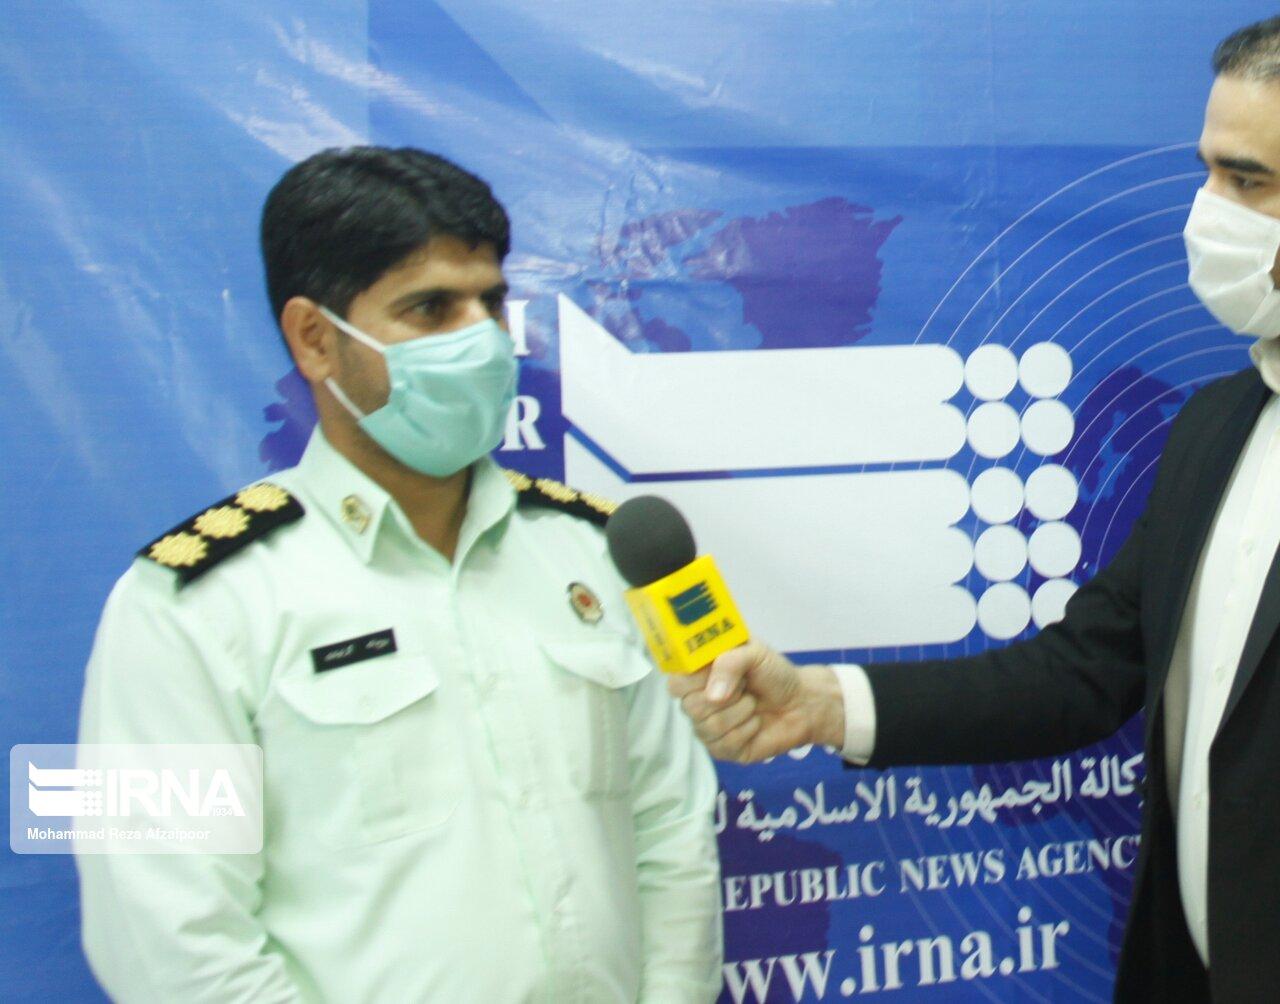 دستگیری سارق زورگیر تاکسیهای اینترنتی در دزفول